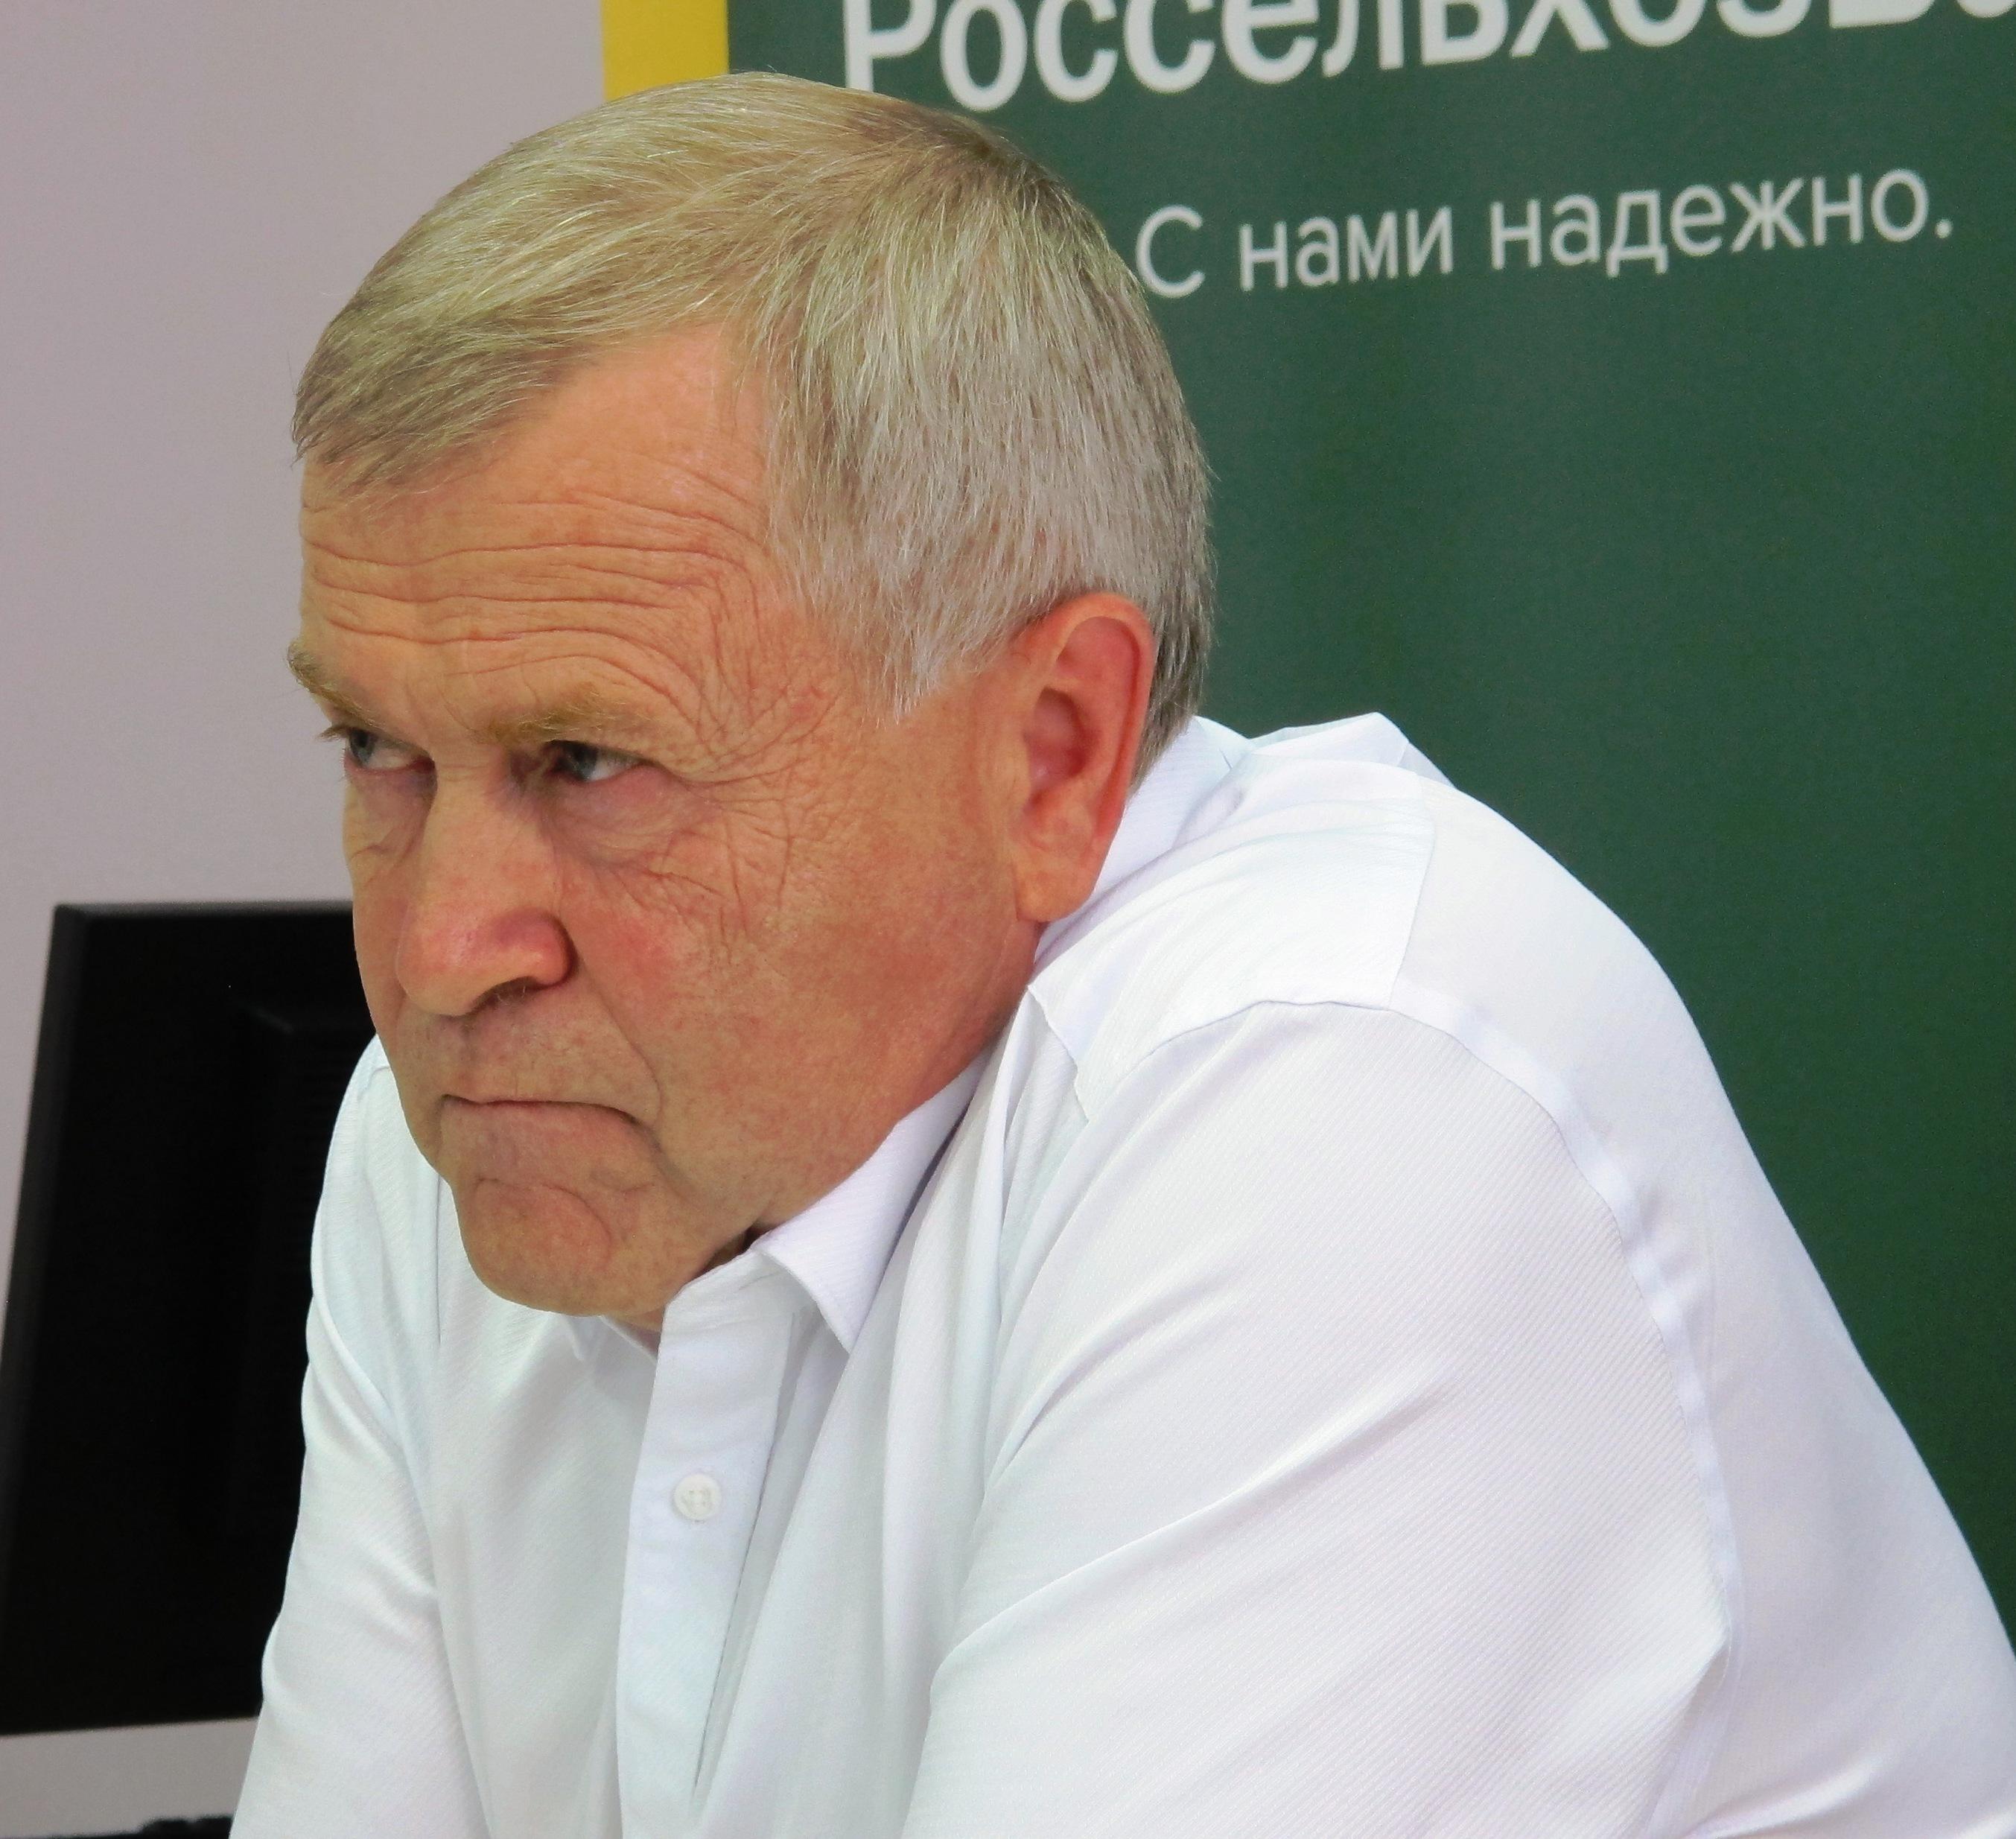 Александр Александрович Тепляков, директор Новосибирской Продовольственной корпорации.